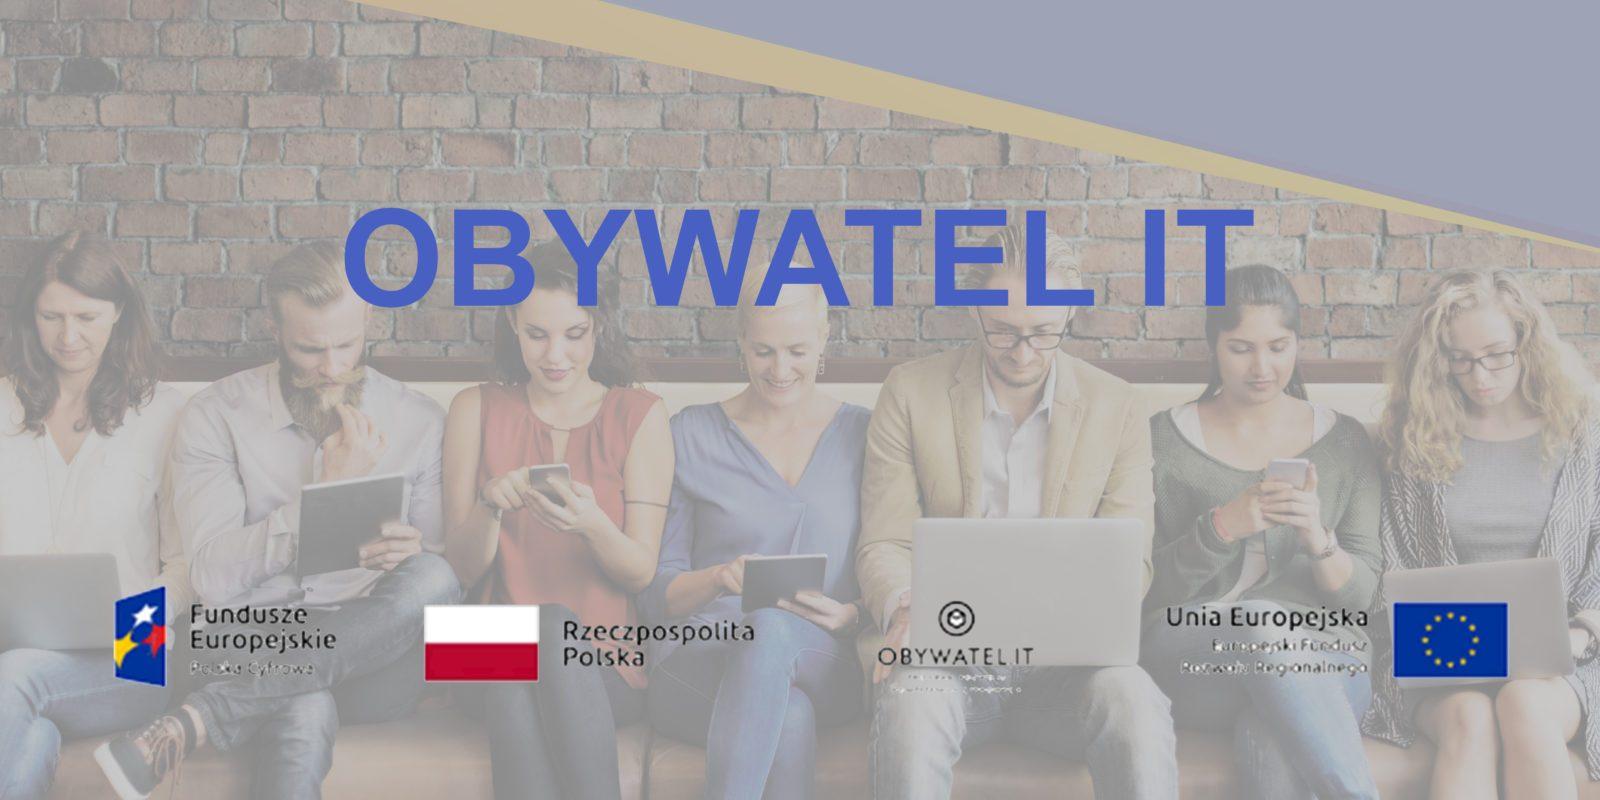 Obywatel IT - Miasto Piekary Śląskie